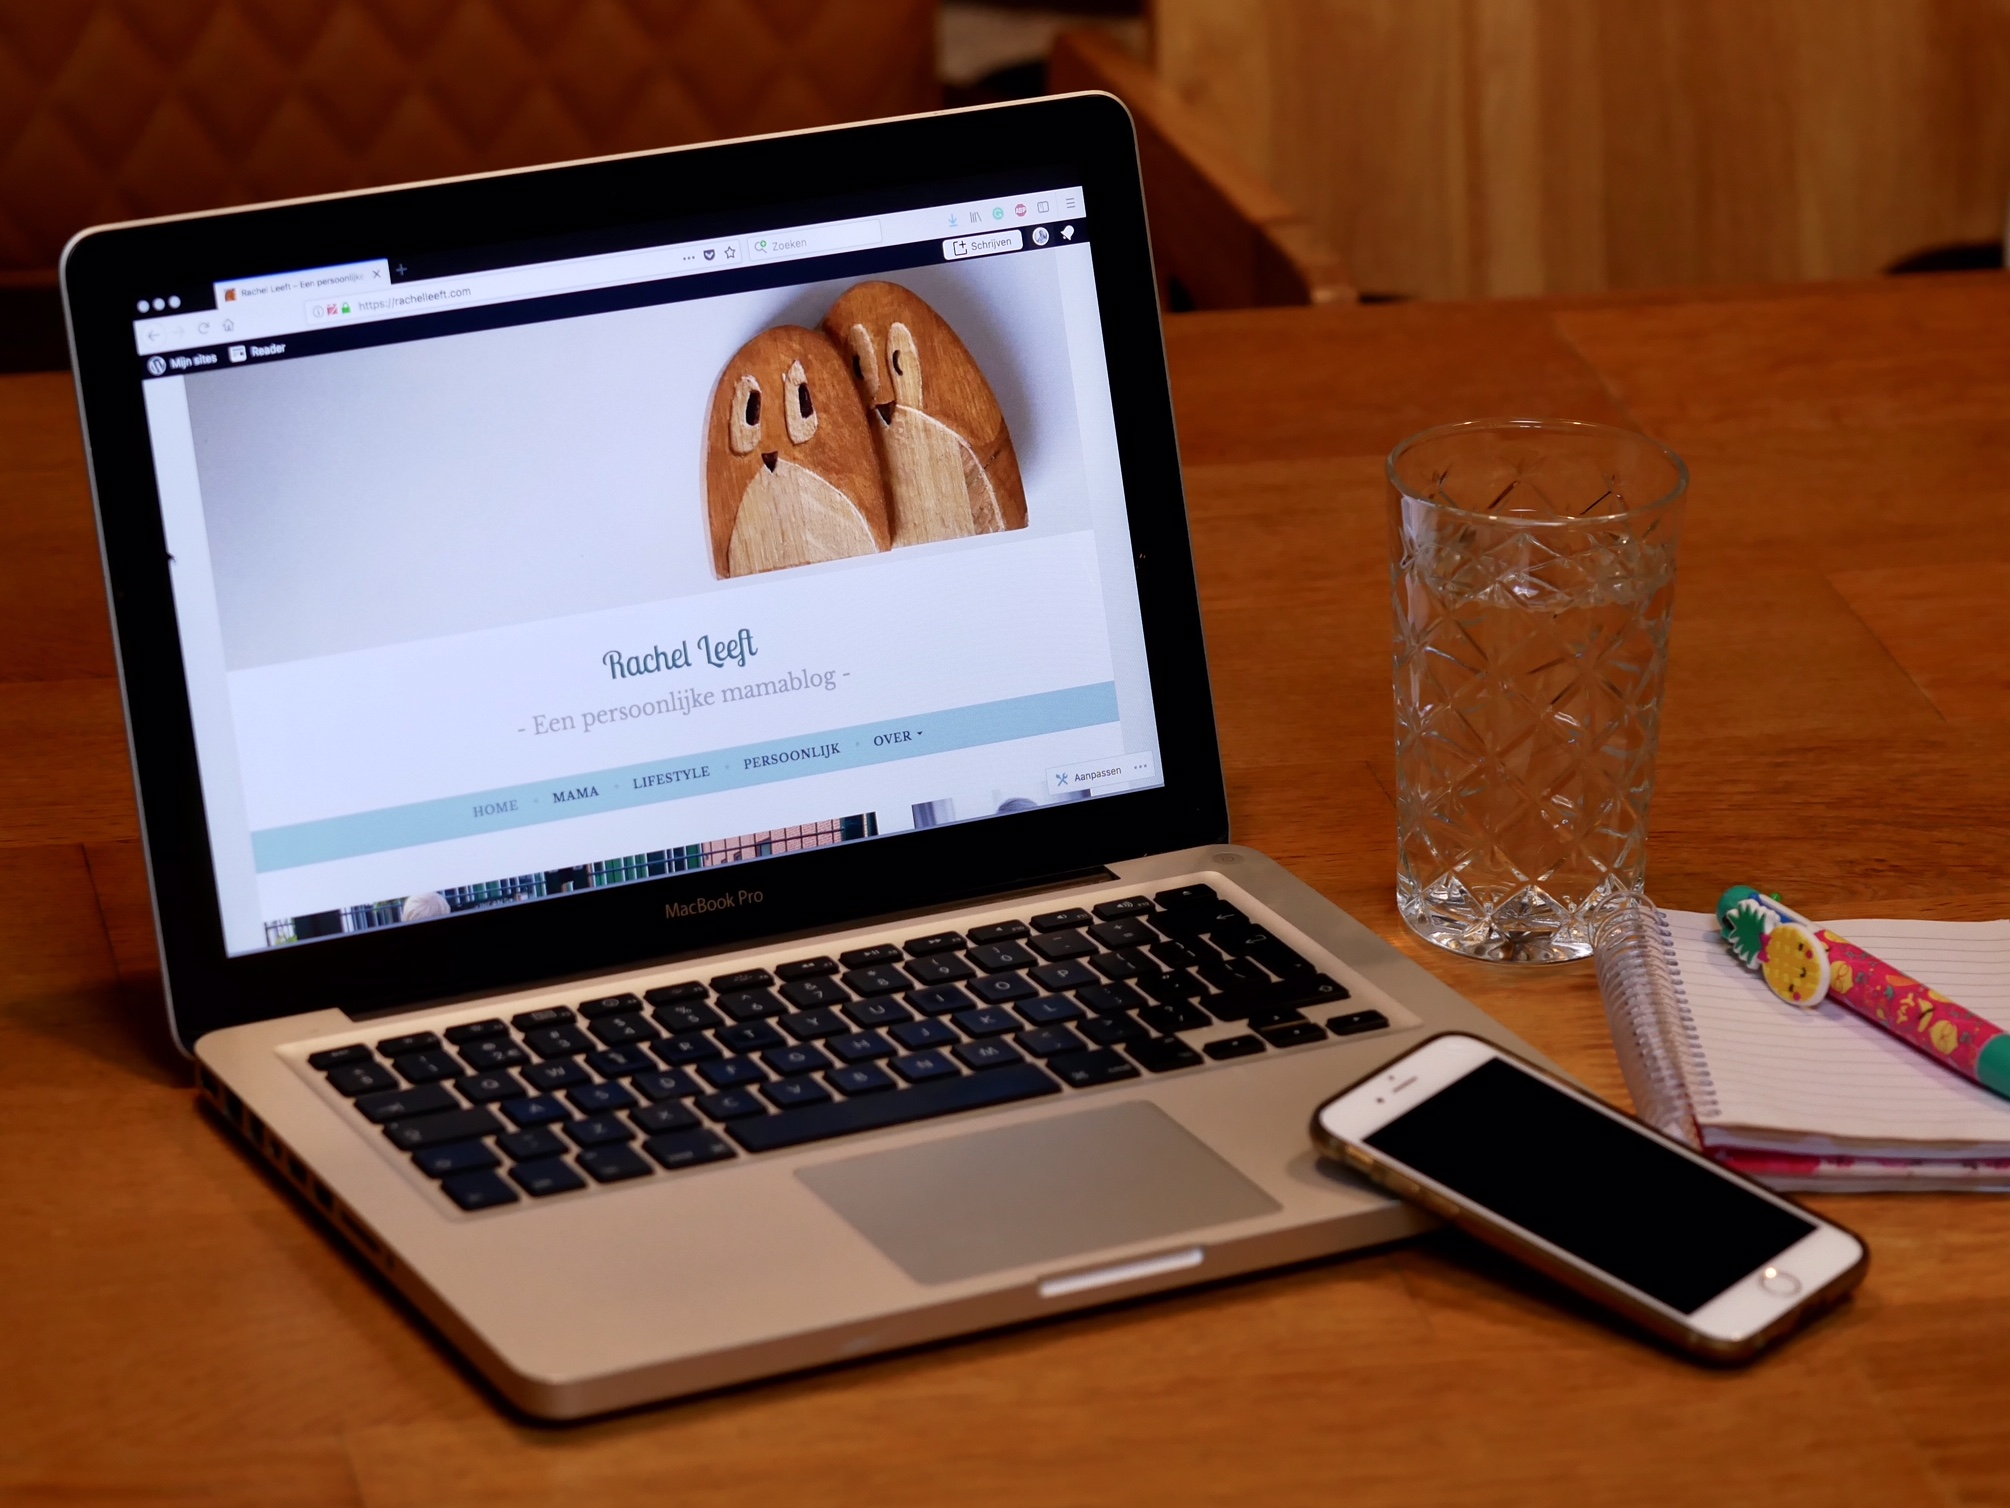 blogdoelen.jpg